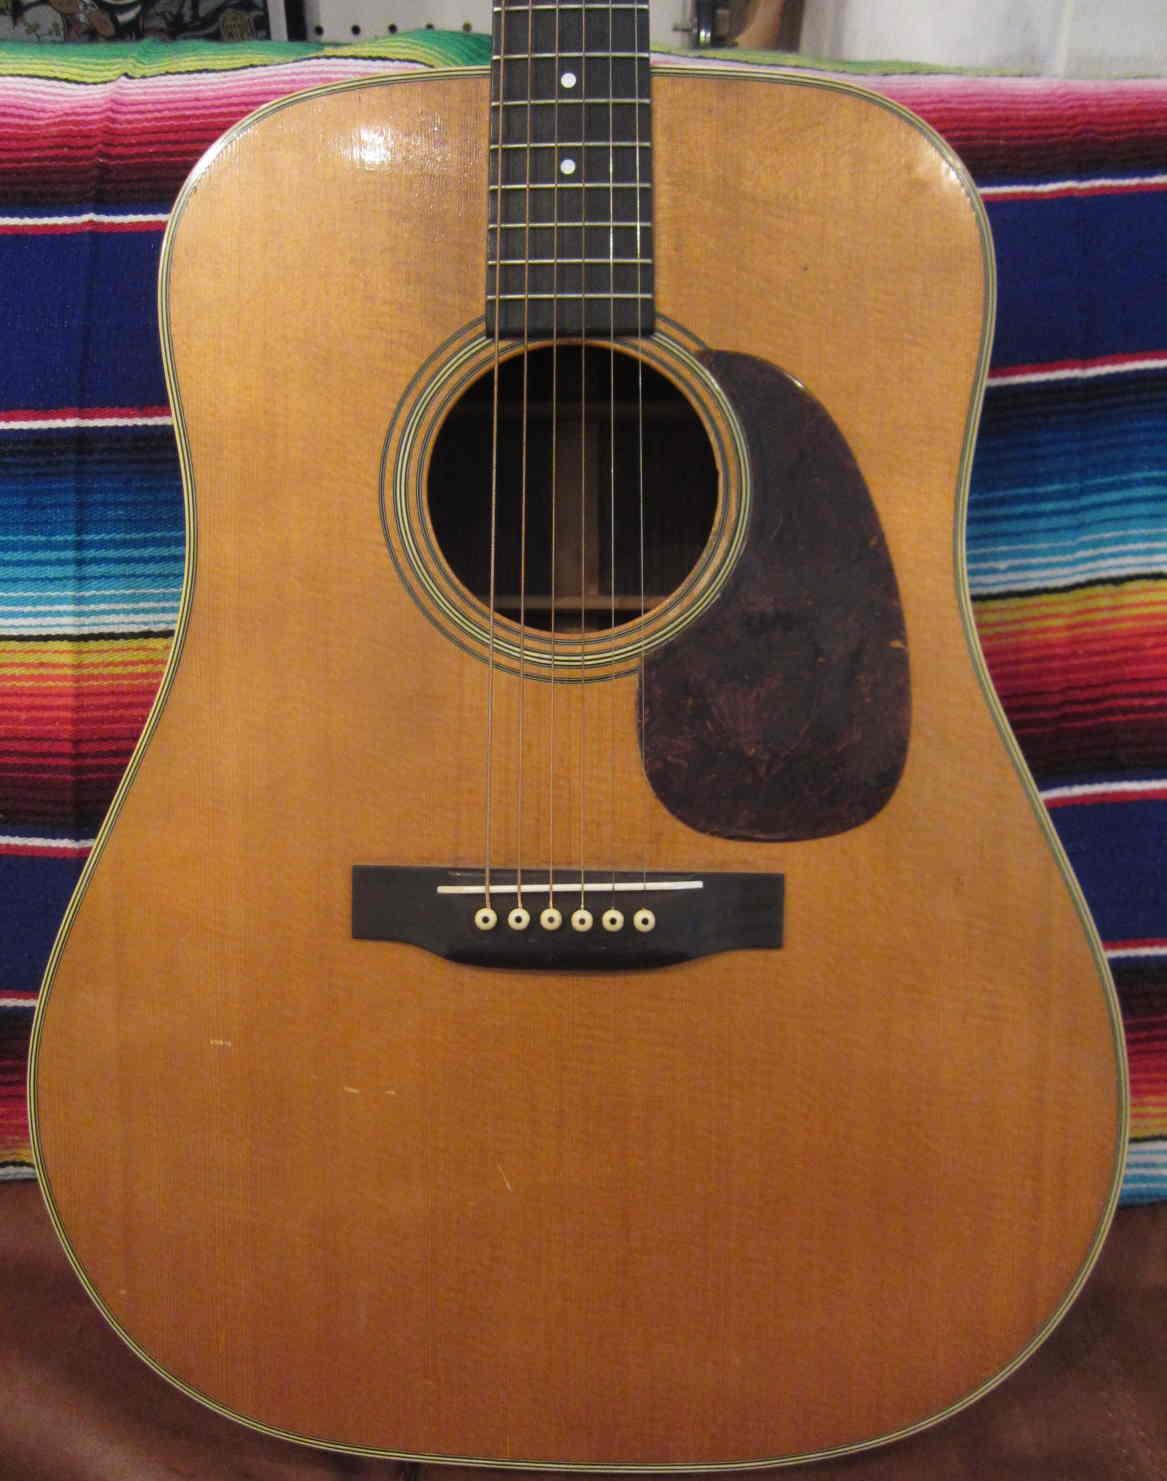 martin d28 1947 guitar for sale new kings road guitars. Black Bedroom Furniture Sets. Home Design Ideas